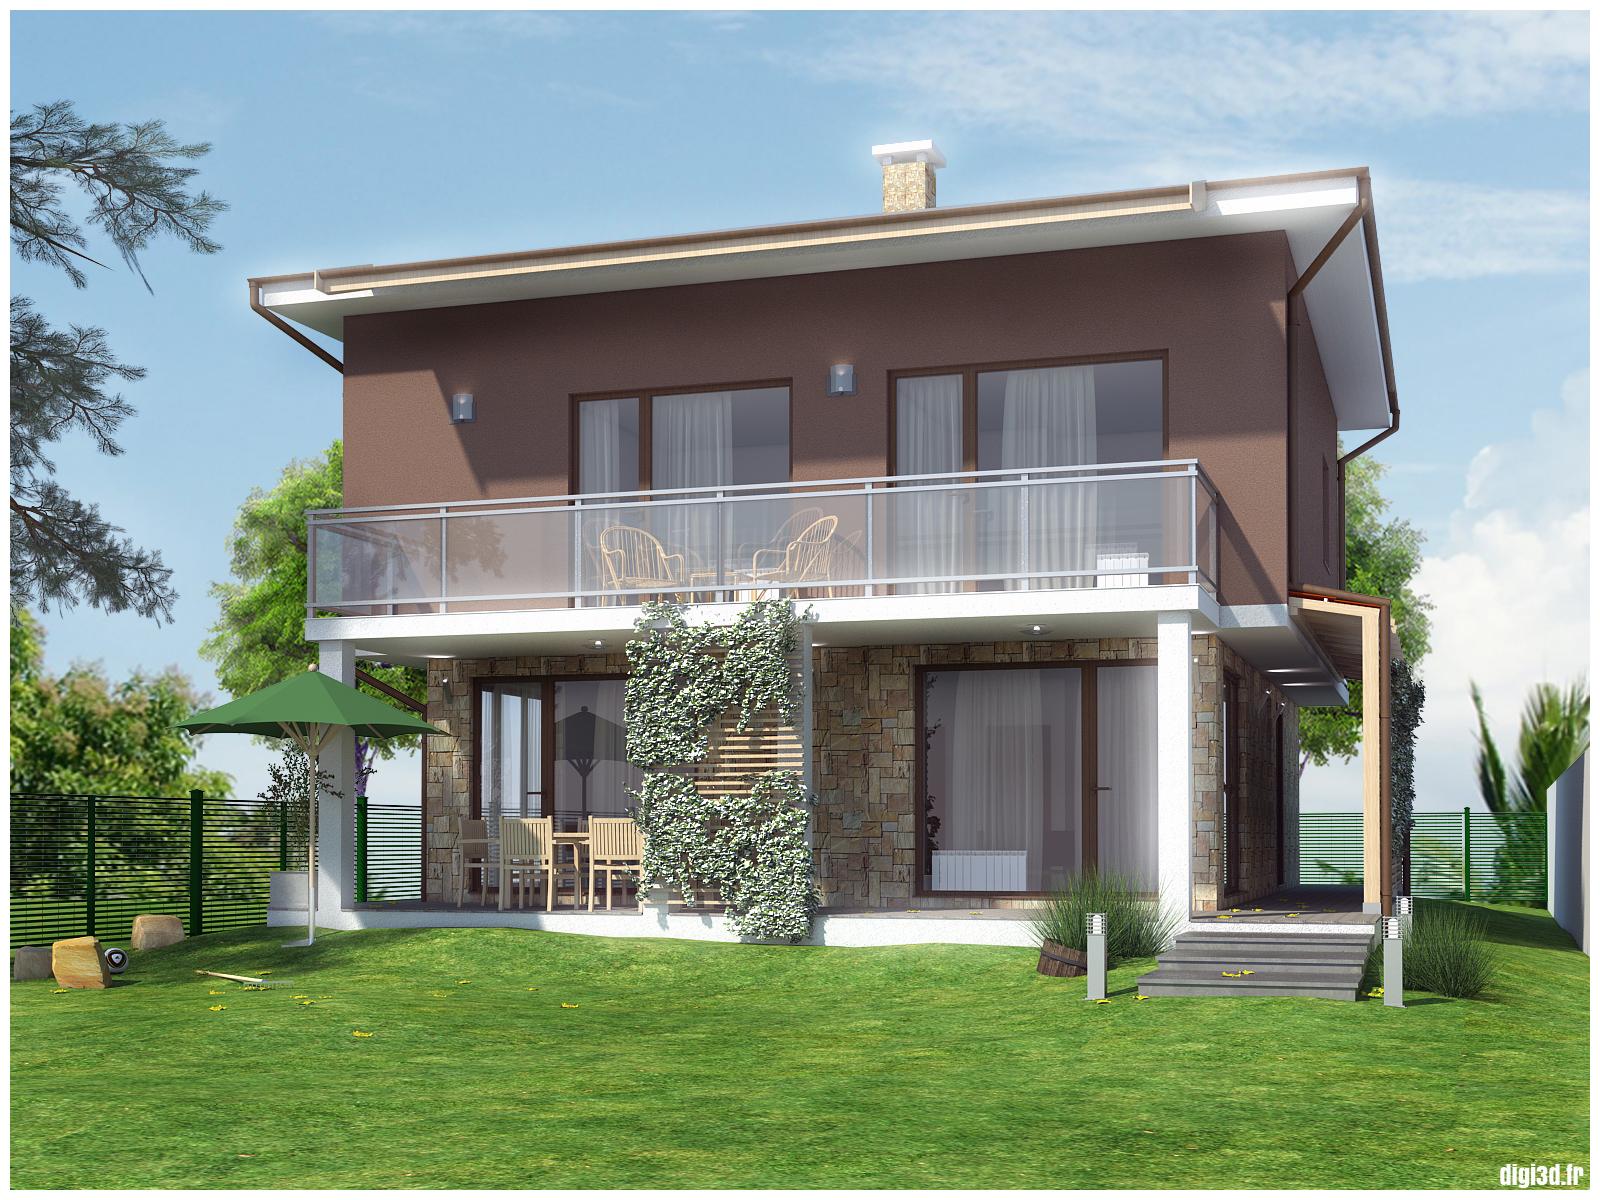 house design architecture